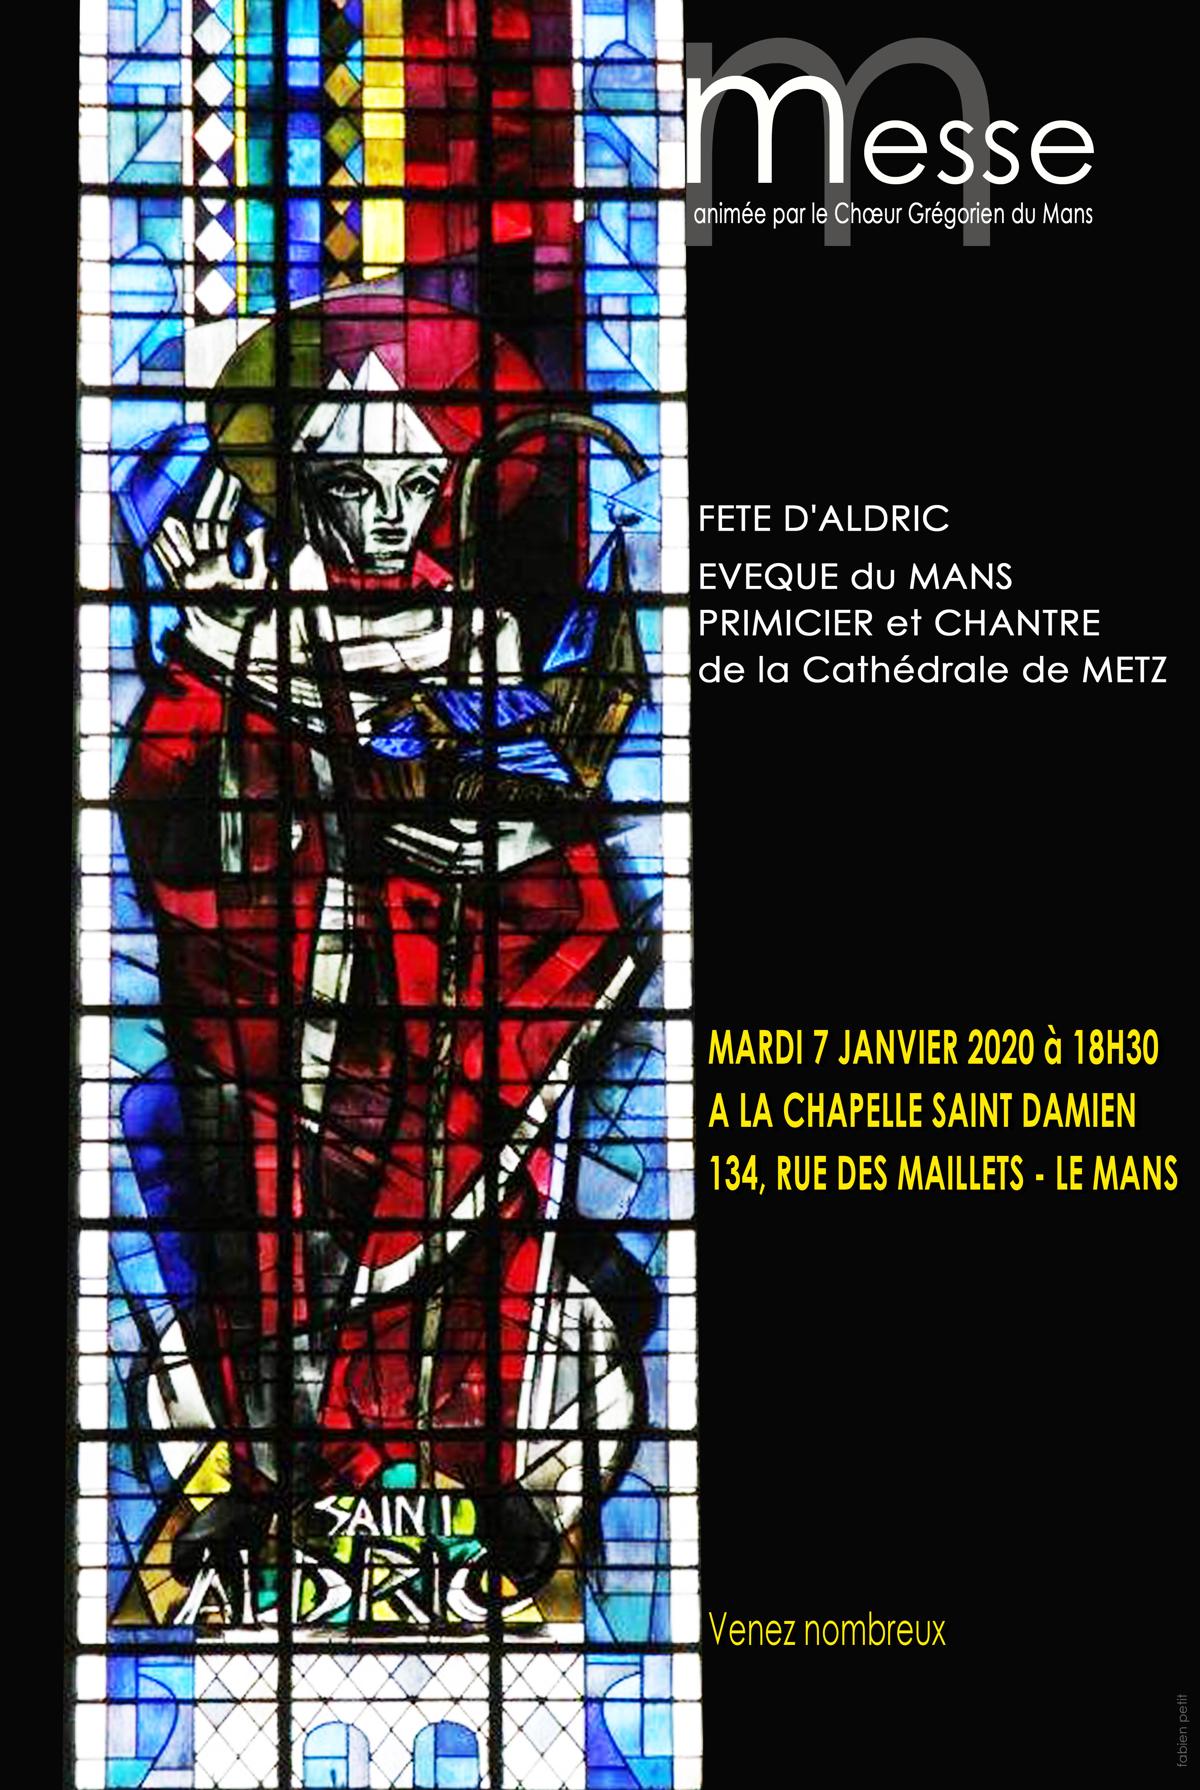 Affiche.Concert.St.Aldric.2020.jpg